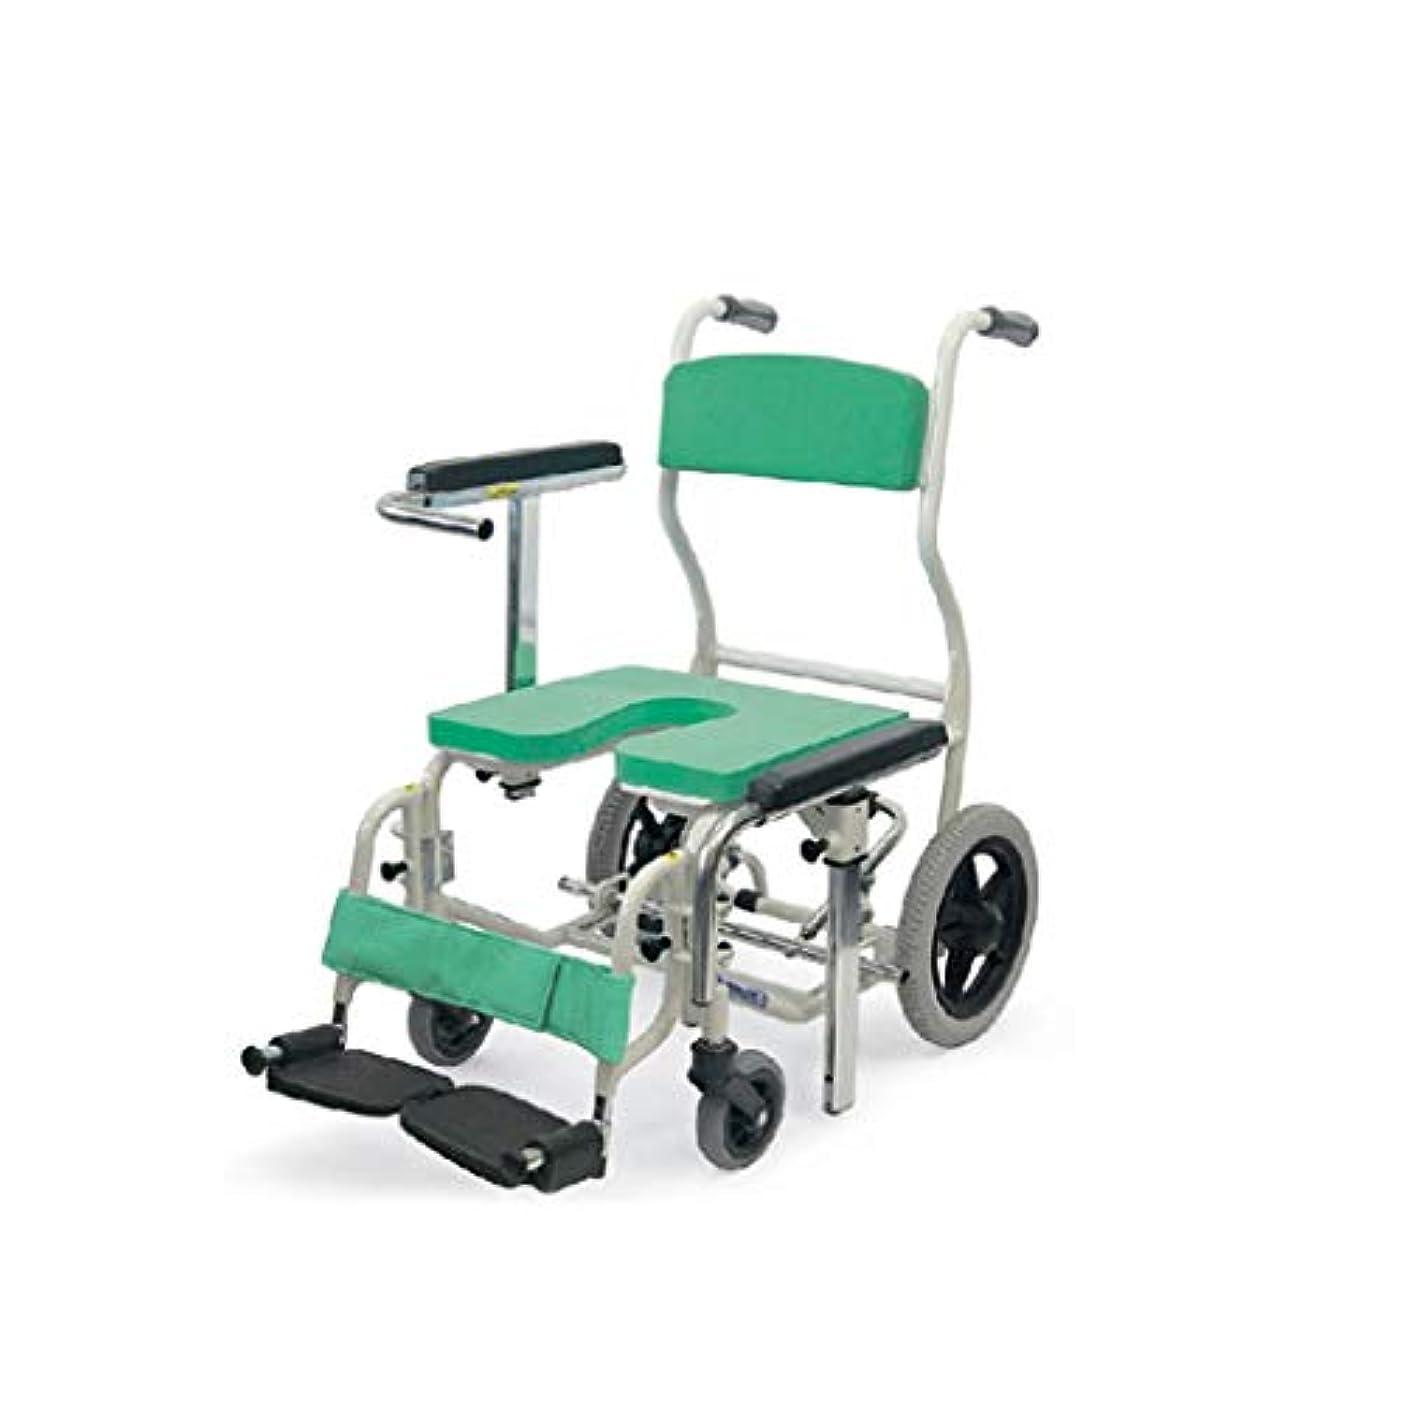 アルファベット順練習した仕出しますシャワースツール 調節可能な高さのアームレストが付いている年配の滑り止めのアルミ合金の浴室の椅子の入浴車椅子 HL189